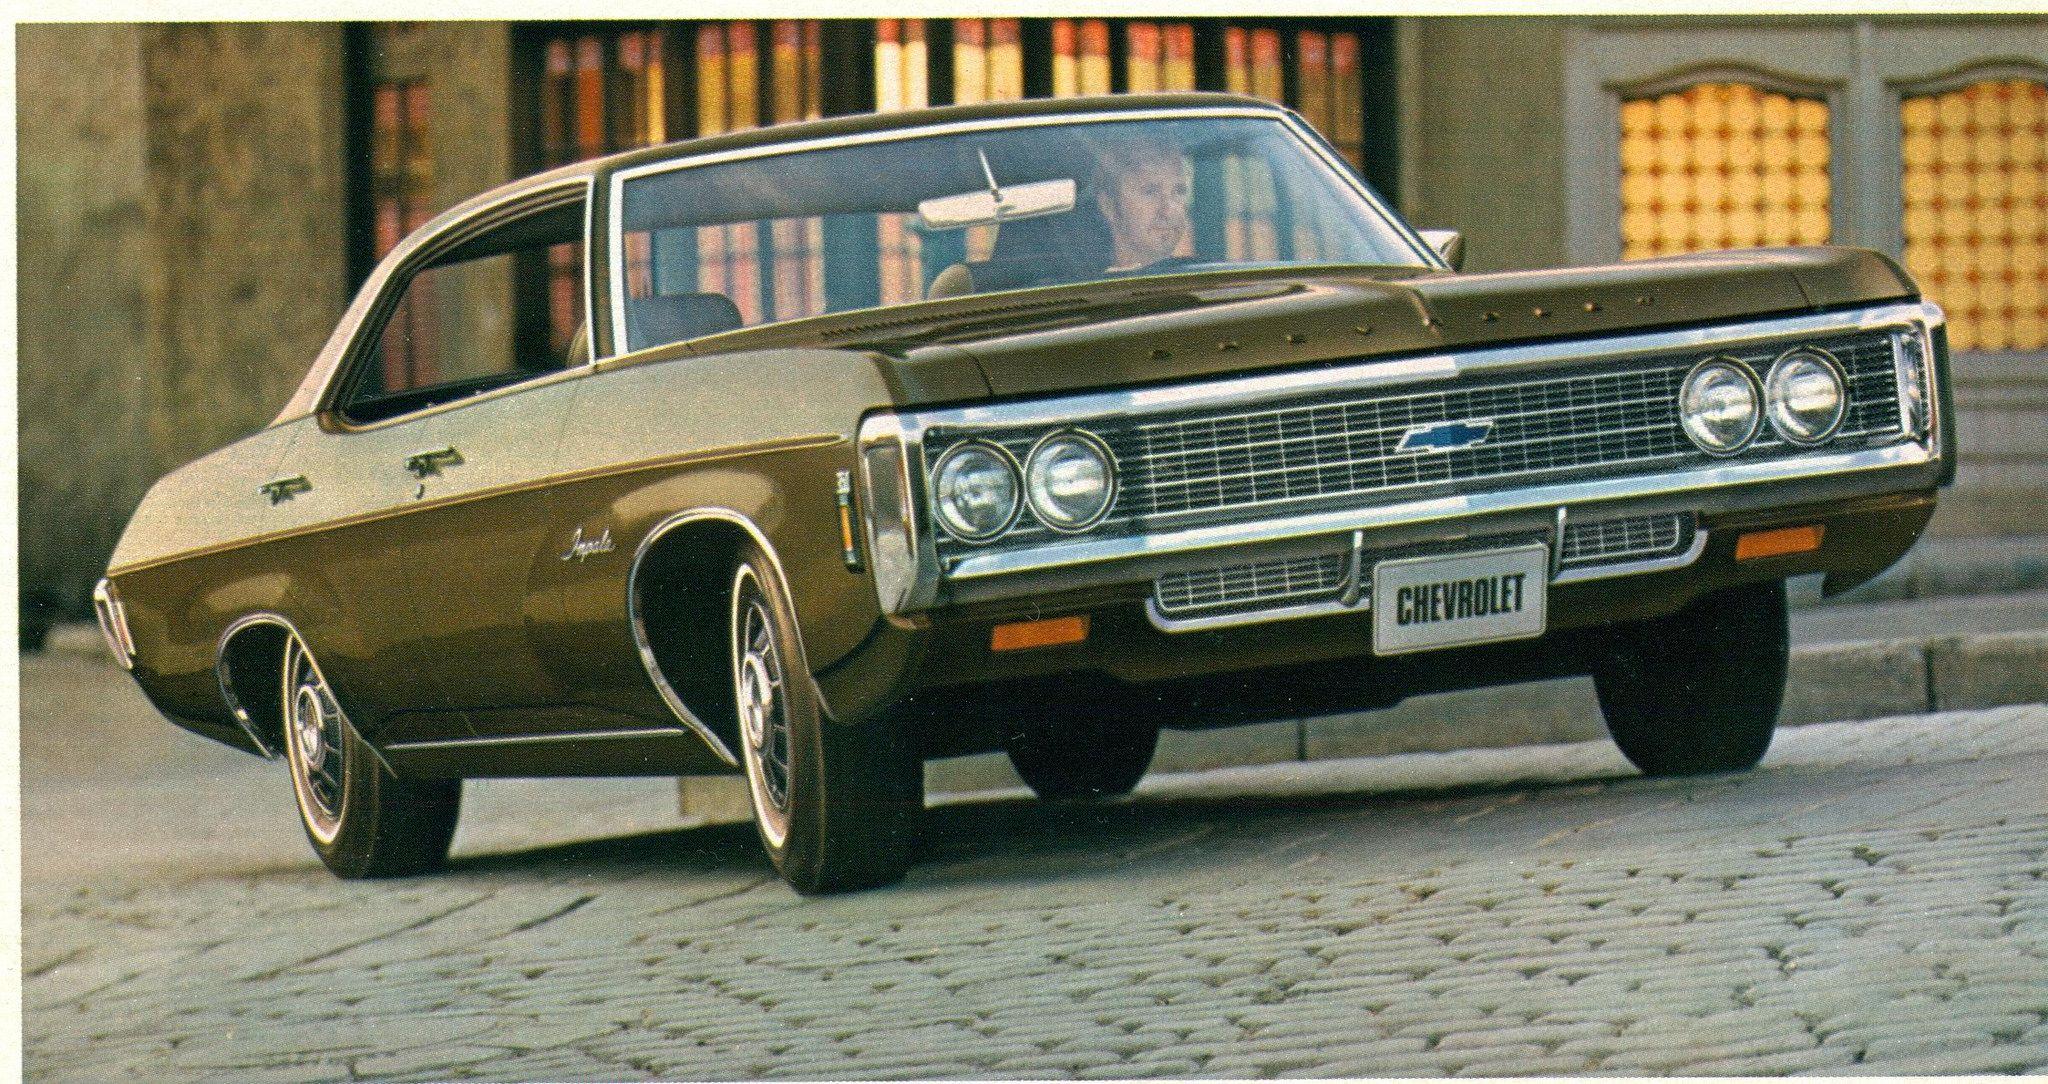 1969 Chevrolet Impala 4 Door Hardtop Chevrolet Impala 1969 Chevy Impala Chevrolet